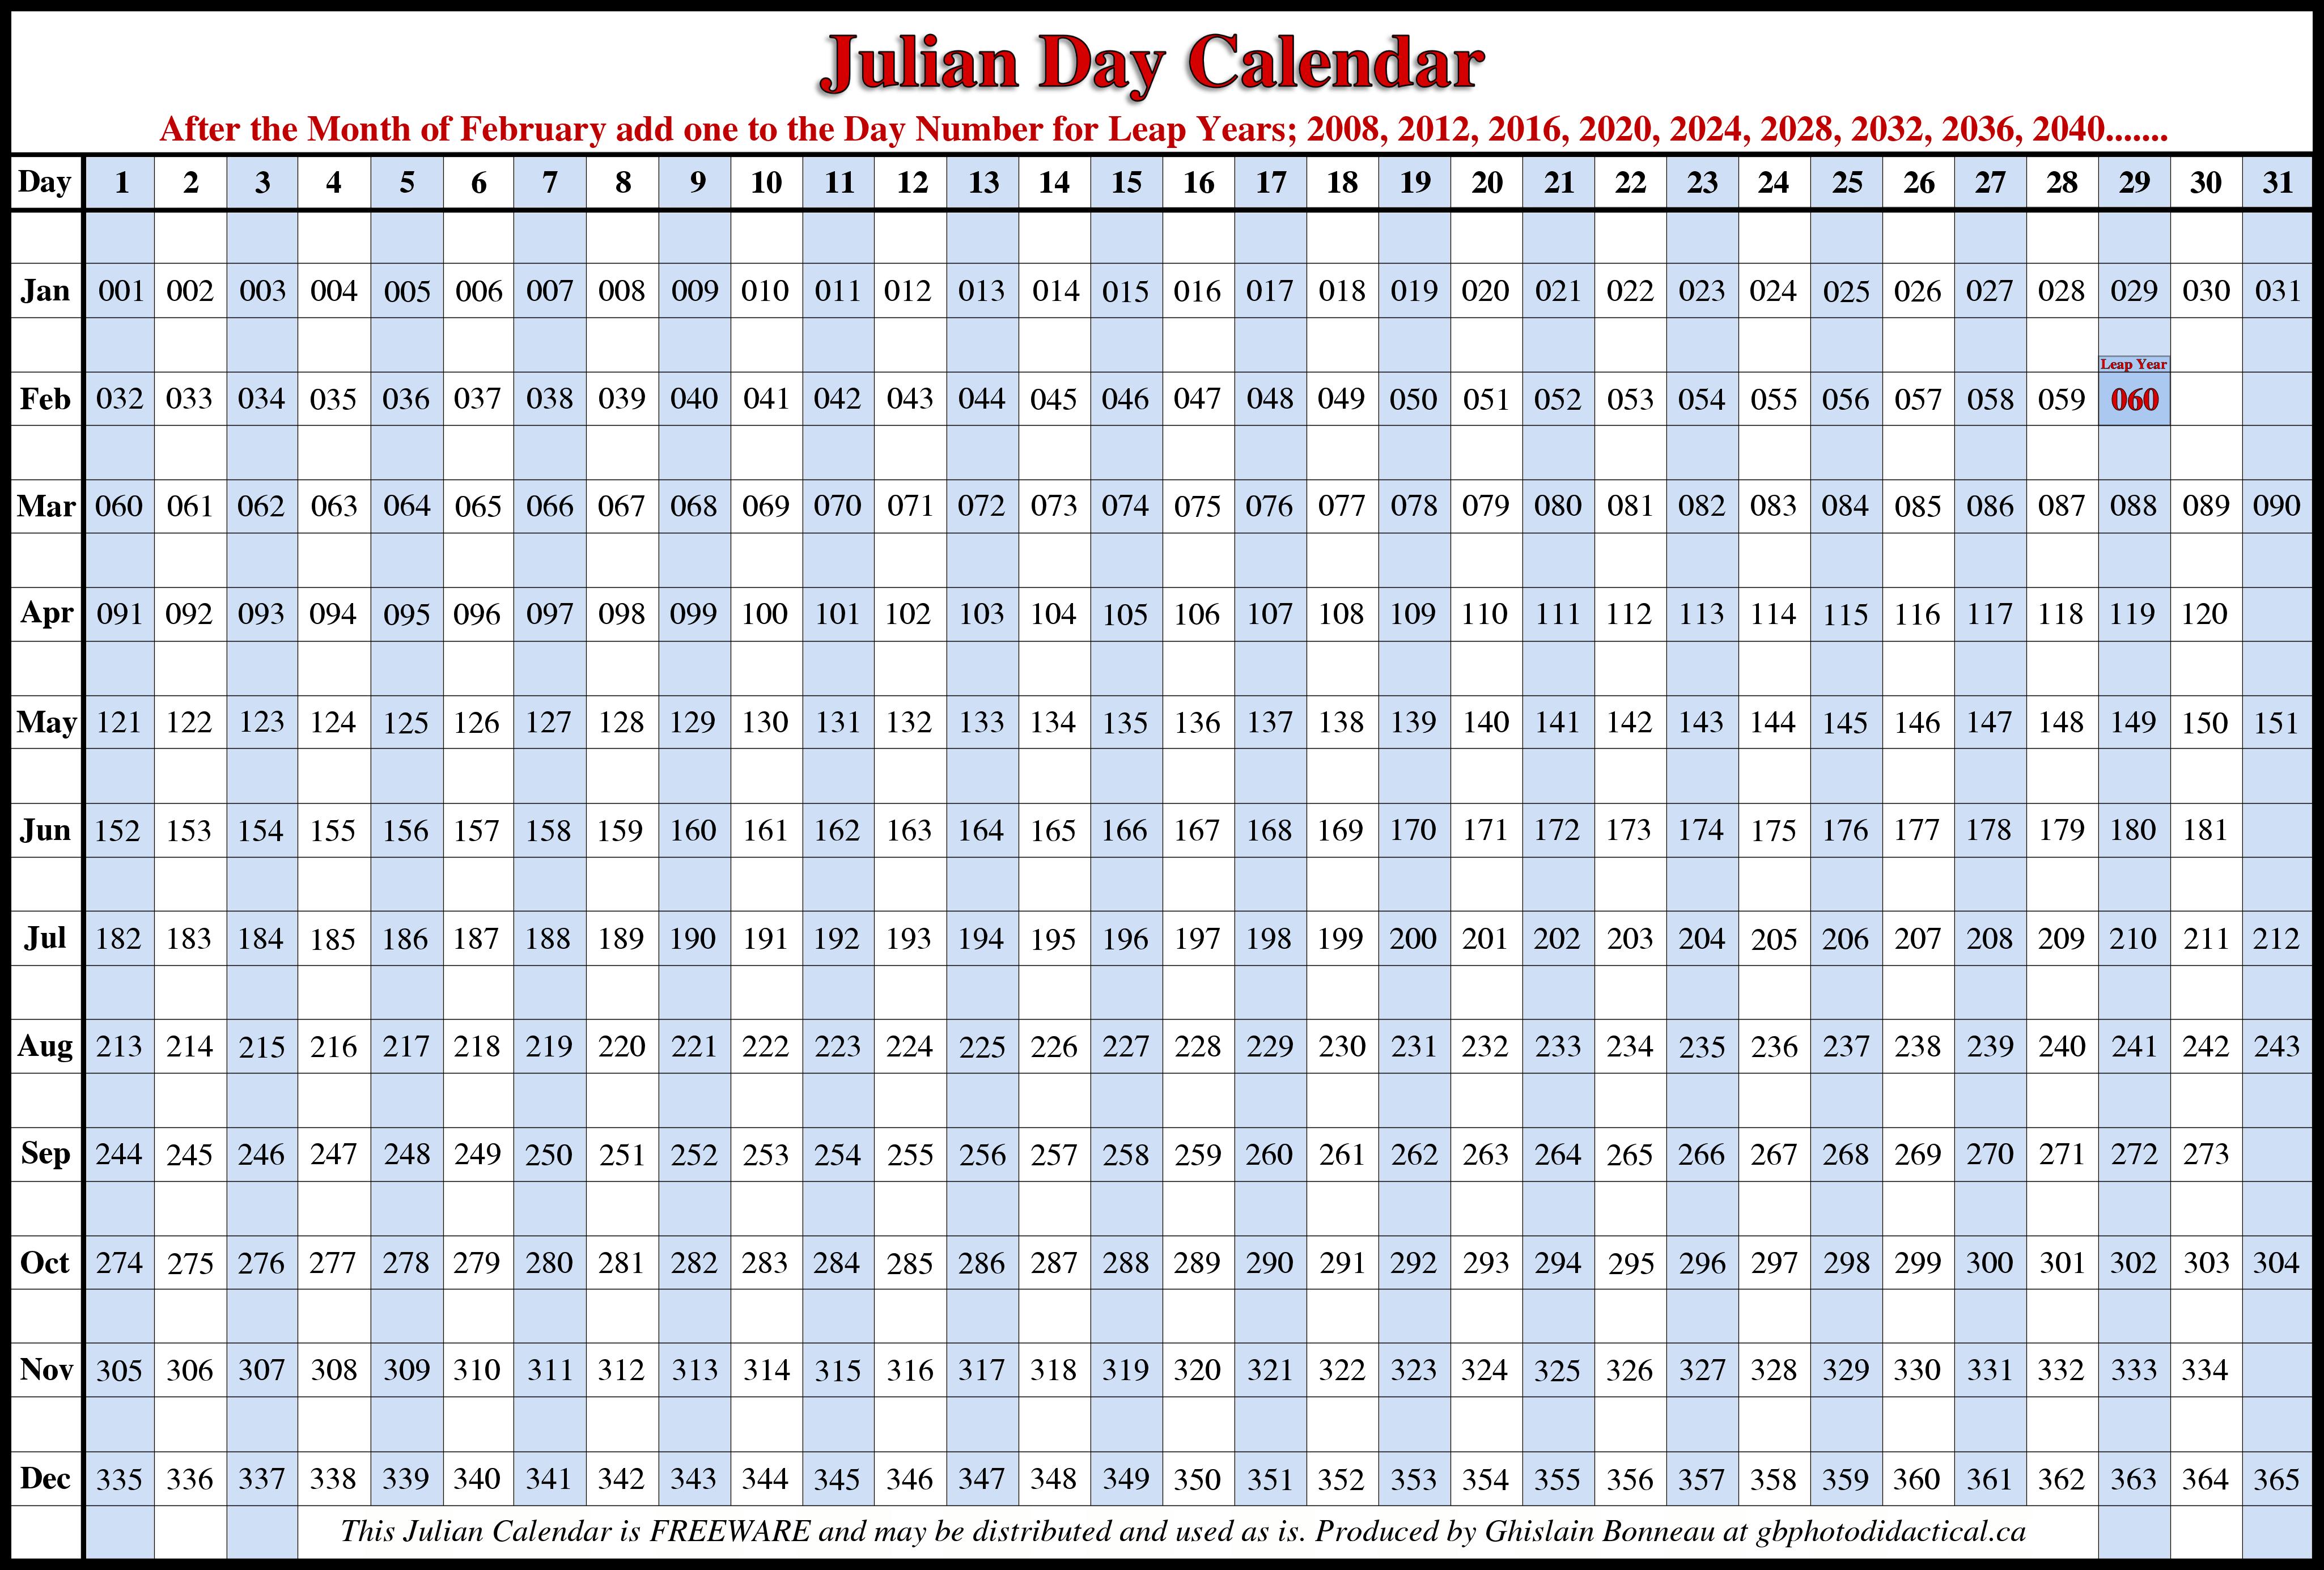 New Calendar Template Site Julian Calendar 2015 | Julian